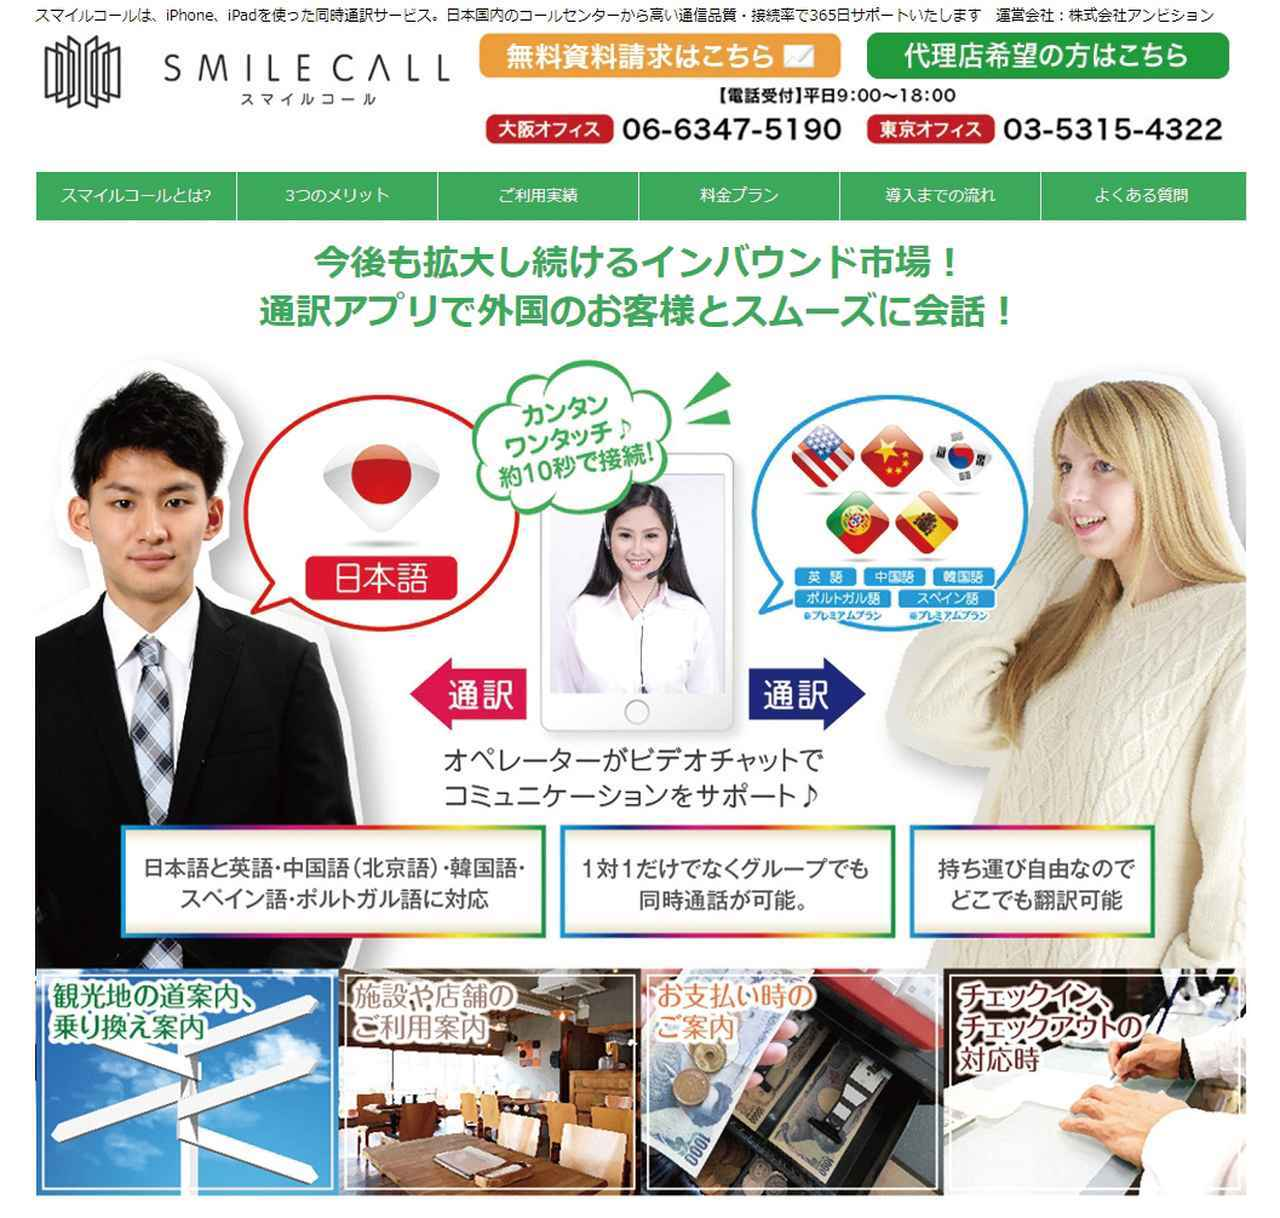 画像: 遠隔通訳サービスを提供する「スマイルコール」のサイト。( http://www.smilecall-service.com/)